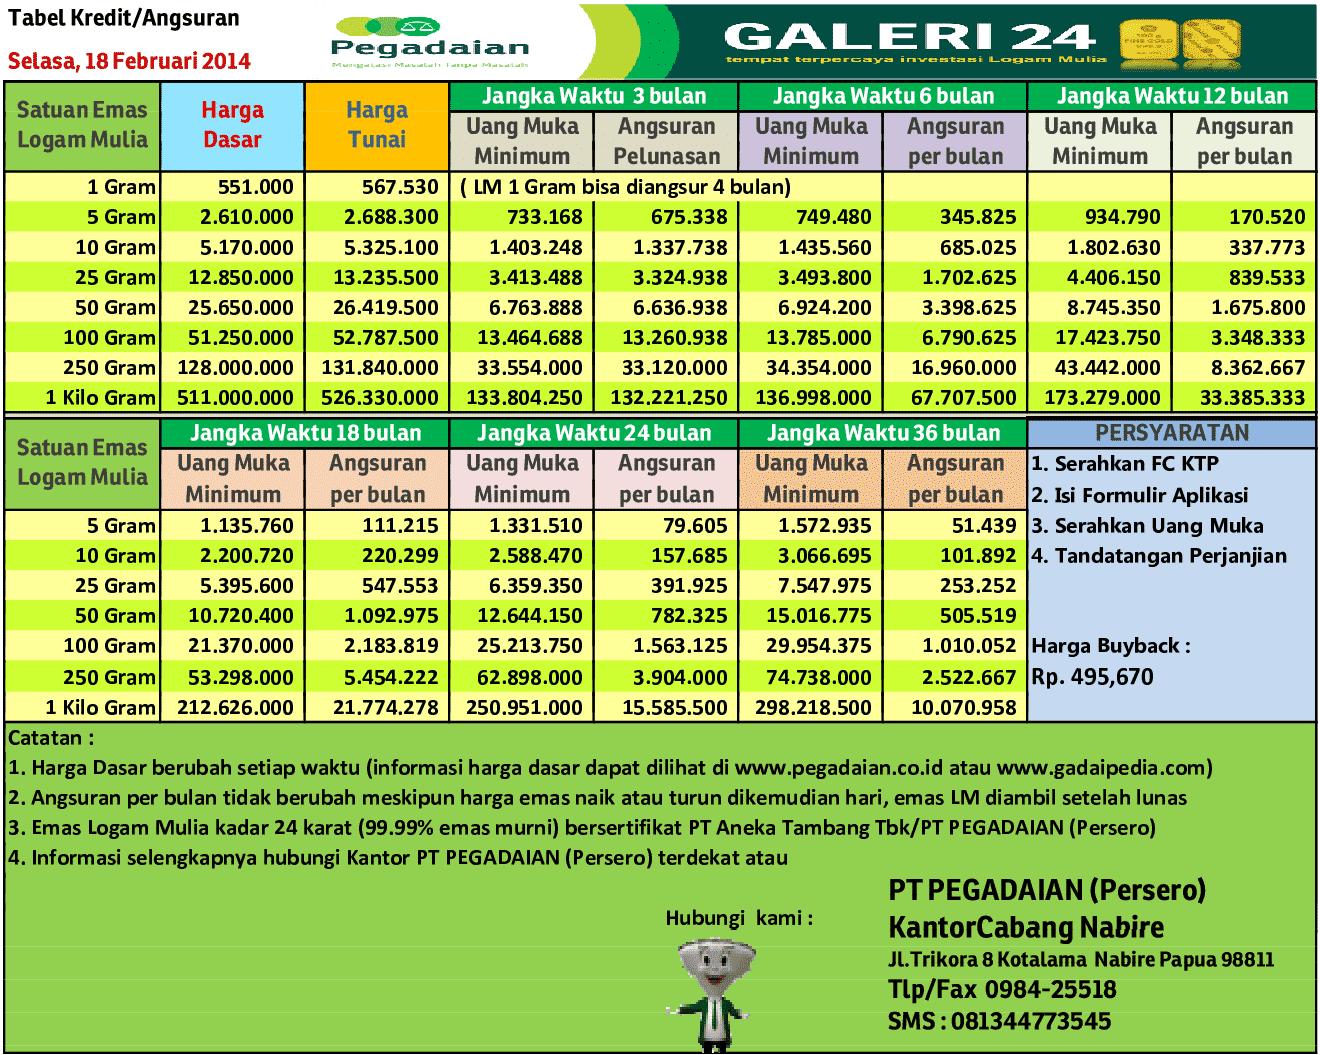 harga emas dan tabel kredit emas pegadaian 18 februari 2014